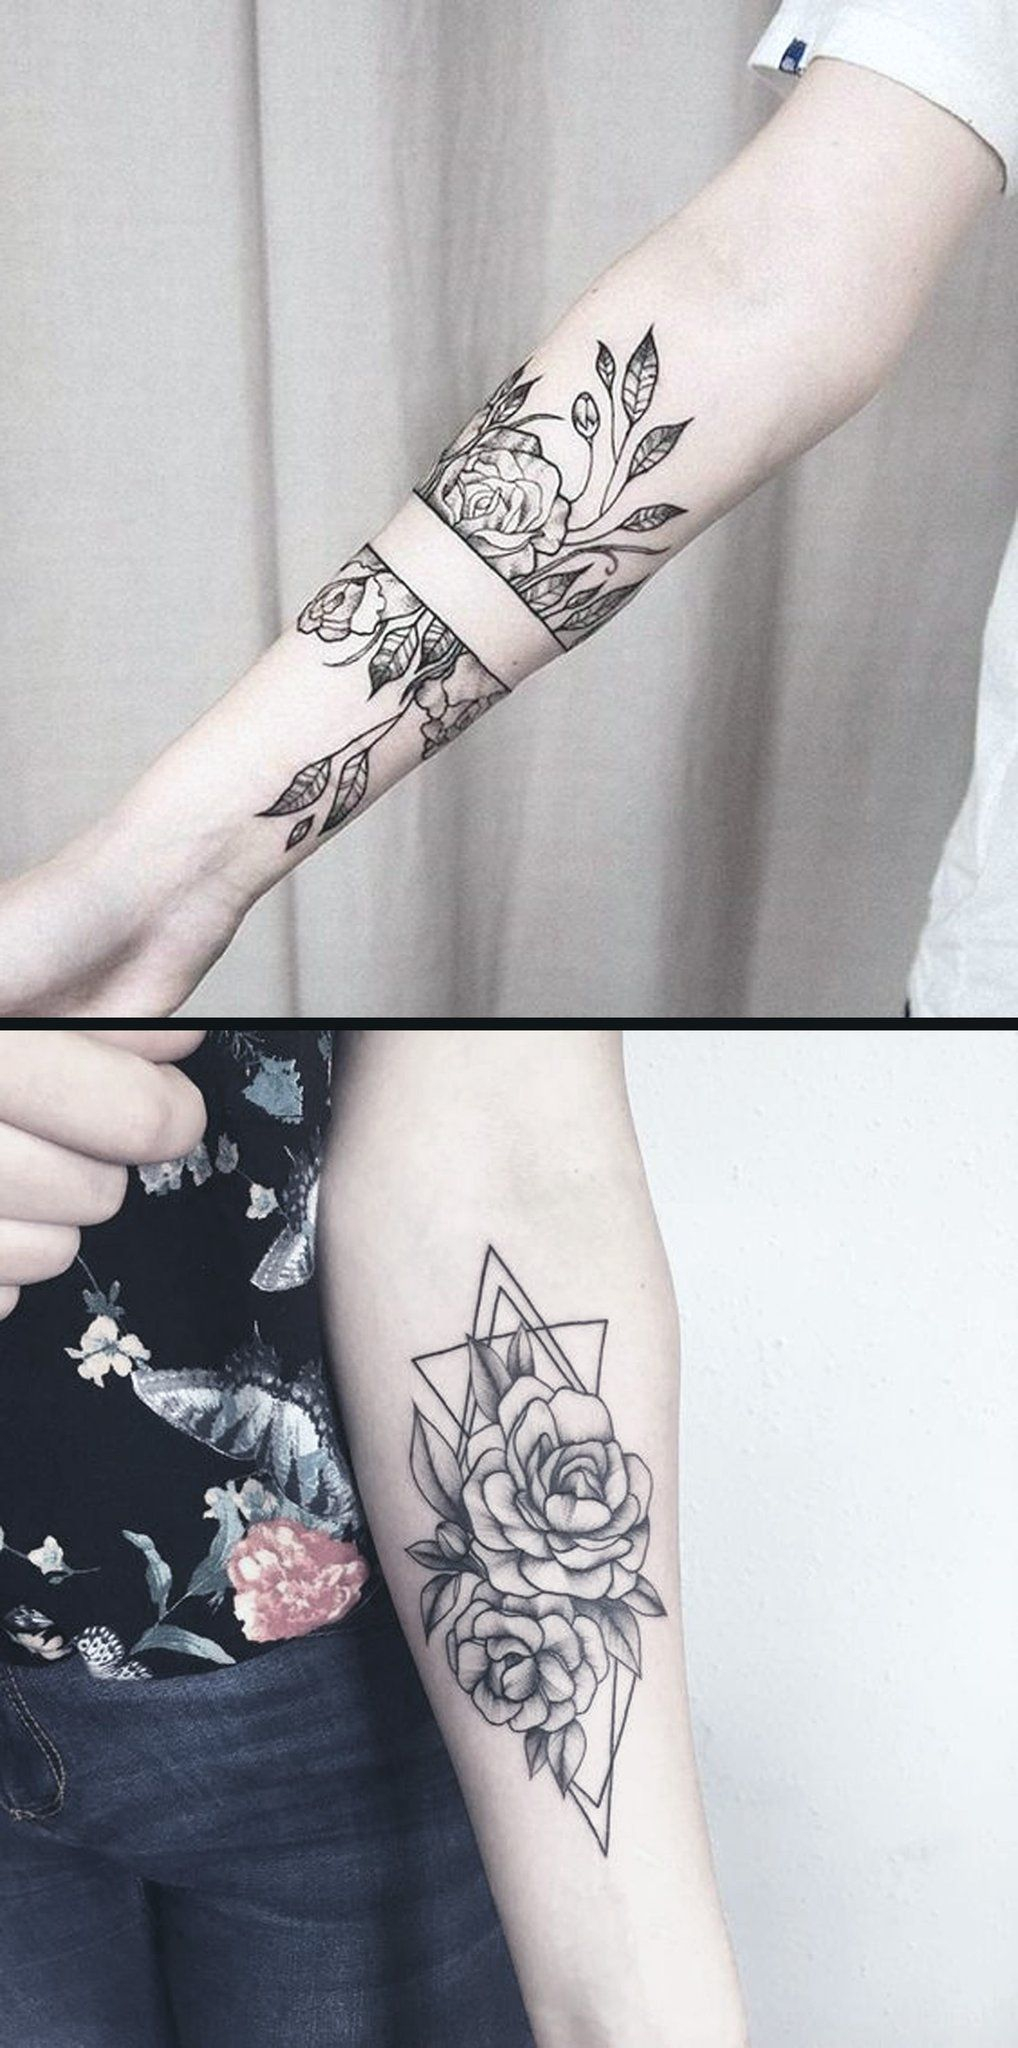 Flower Vine Arm Tattoos • Arm Tattoo Sites